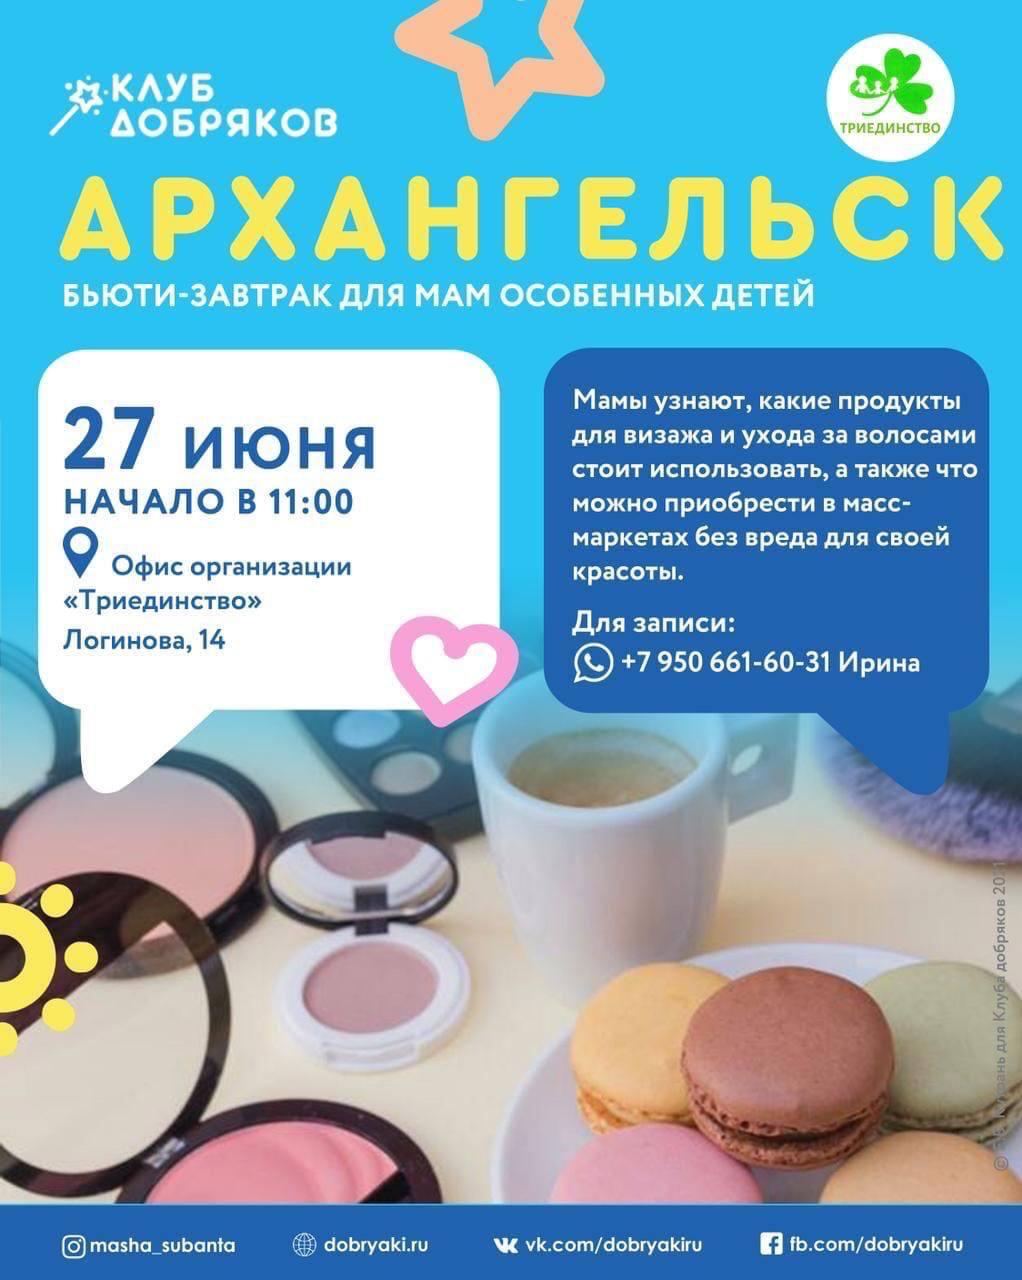 В Архангельске добряки проведут бьюти-завтрак для мам особенных детей